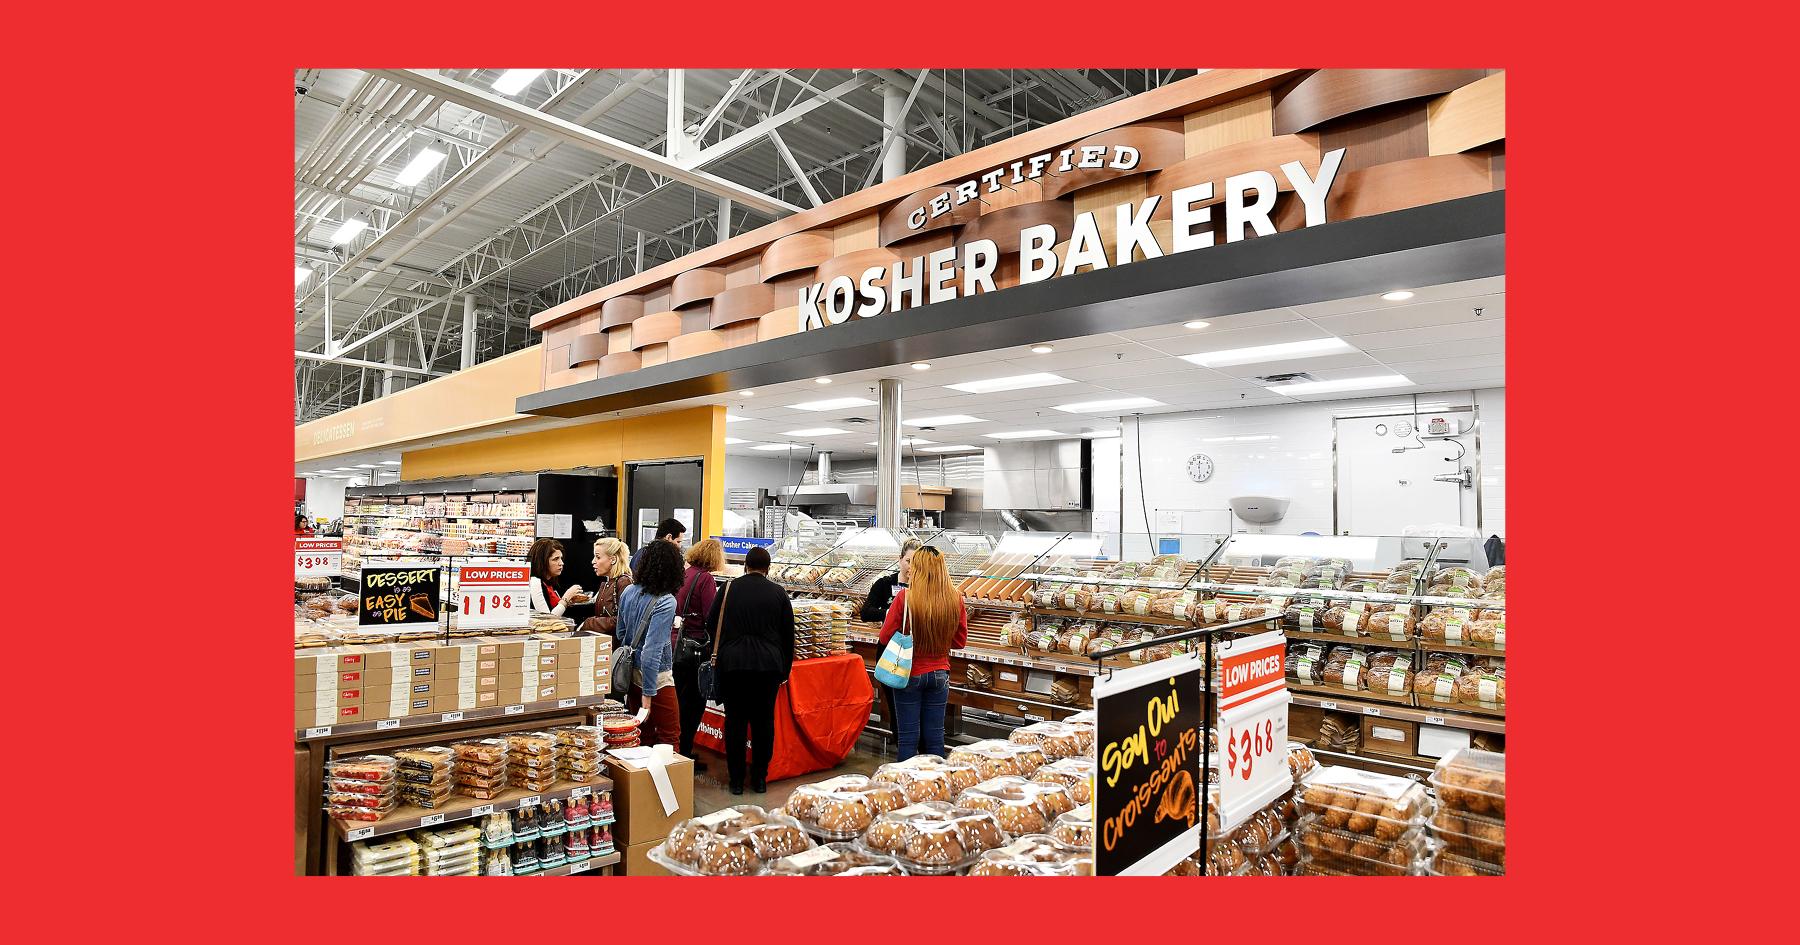 kosher bakery